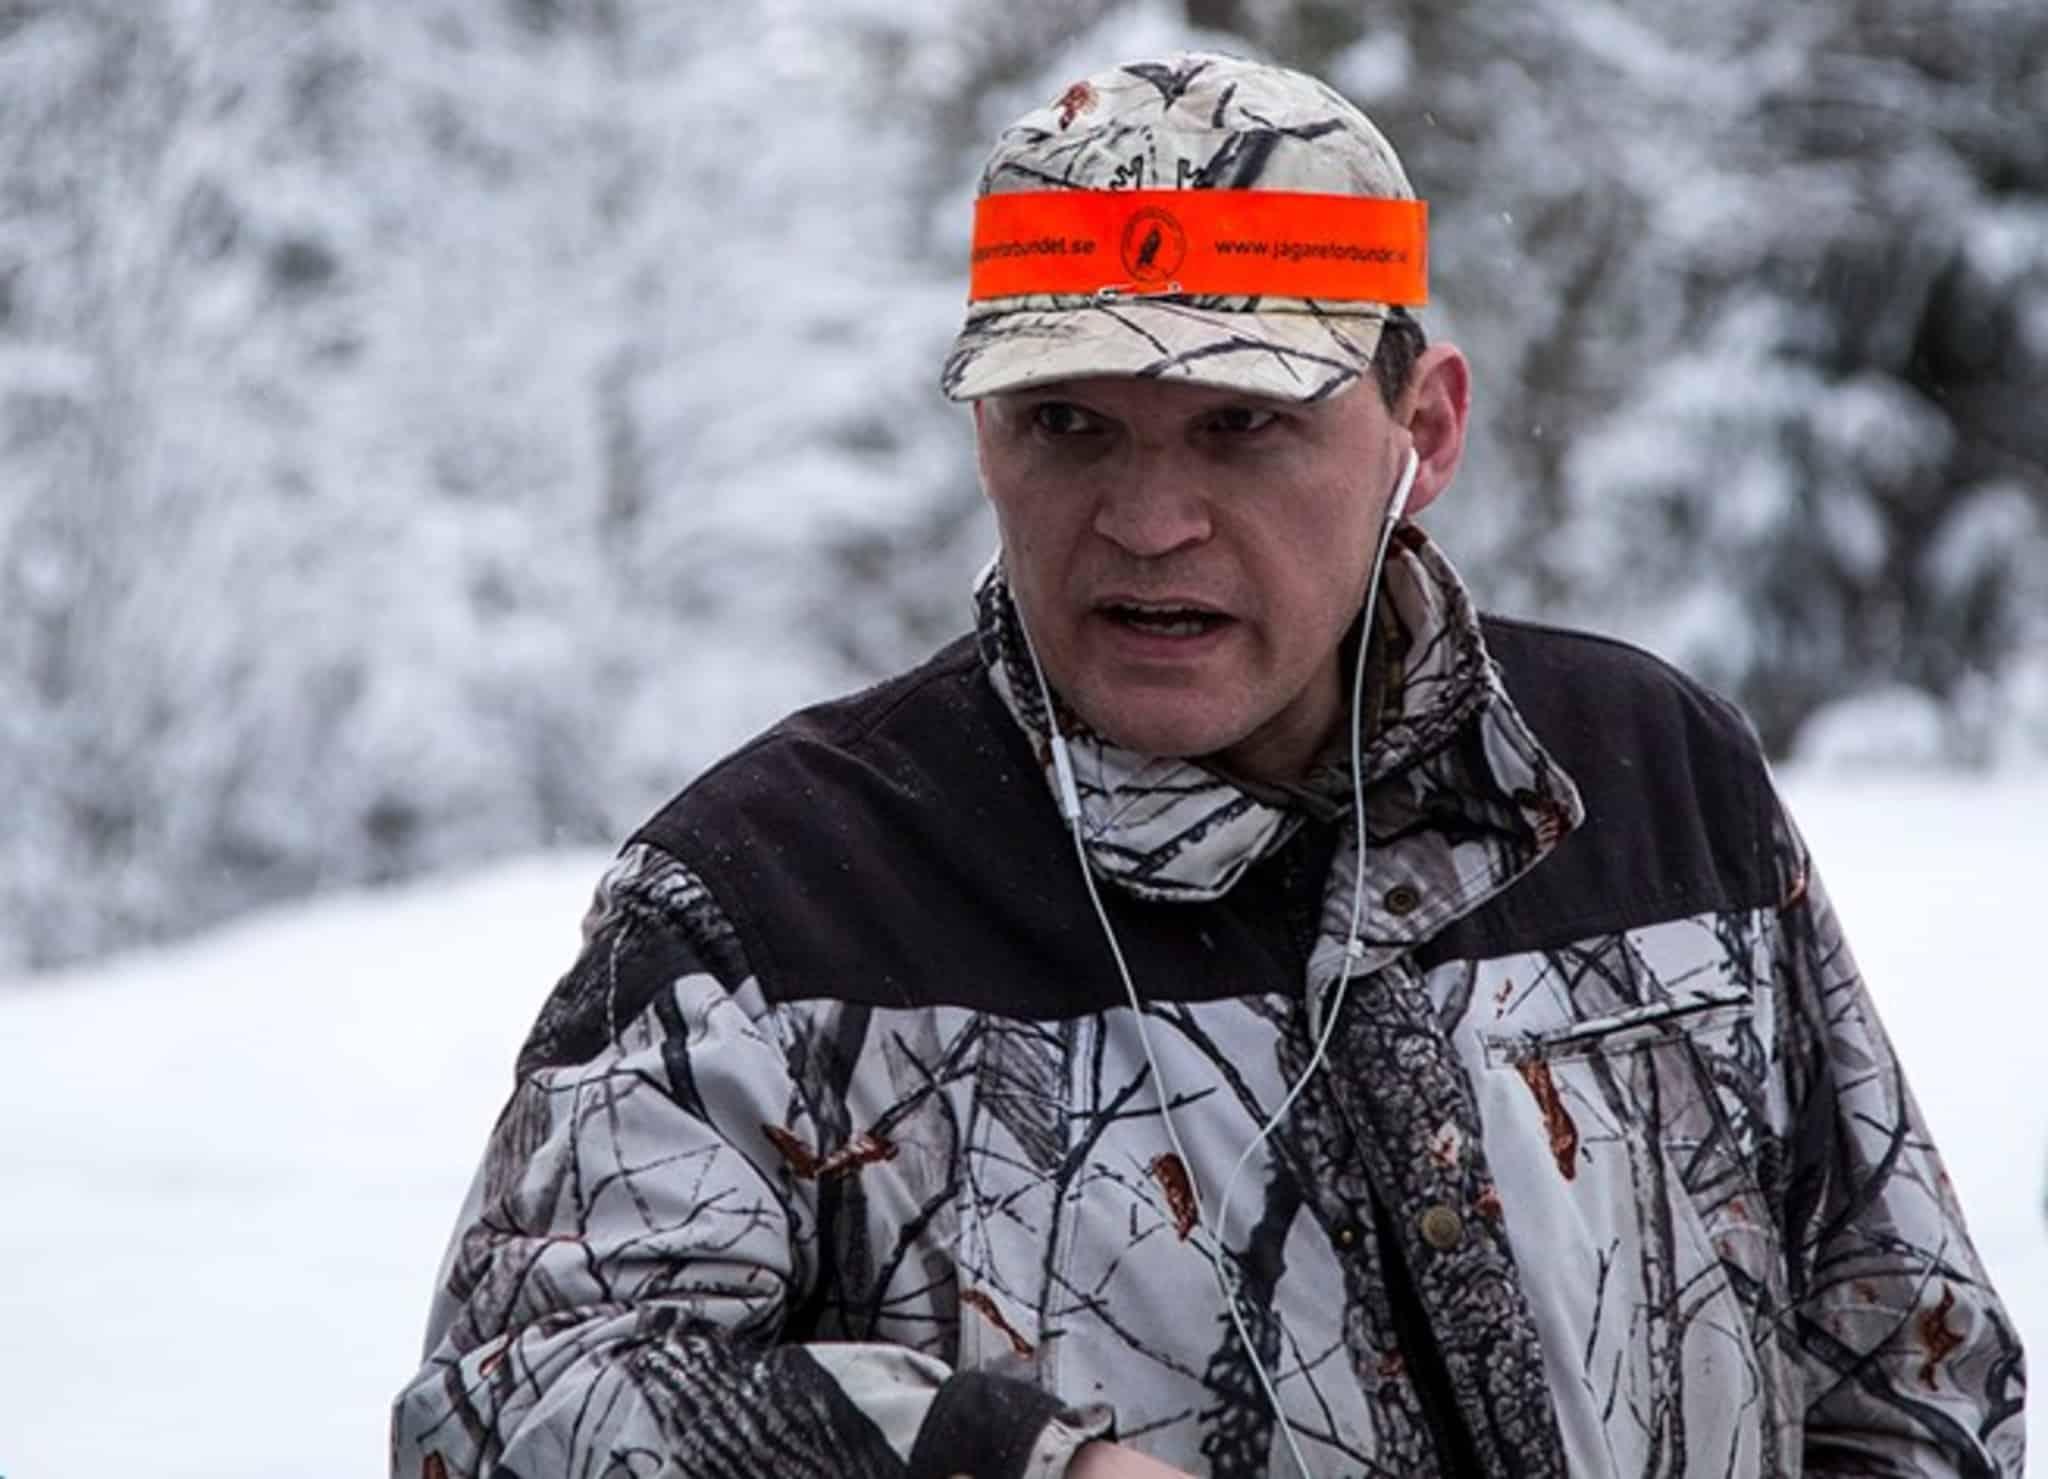 – Om inte jakt sker är det en smyghöjning av de norska beståndsmålen och/eller ett sätt att minska den jaktbara andelen av vargstammen i Värmland och Sverige, säger Lennart Johannesson i viltförvaltningsdelegationen. Foto: Olle Olsson